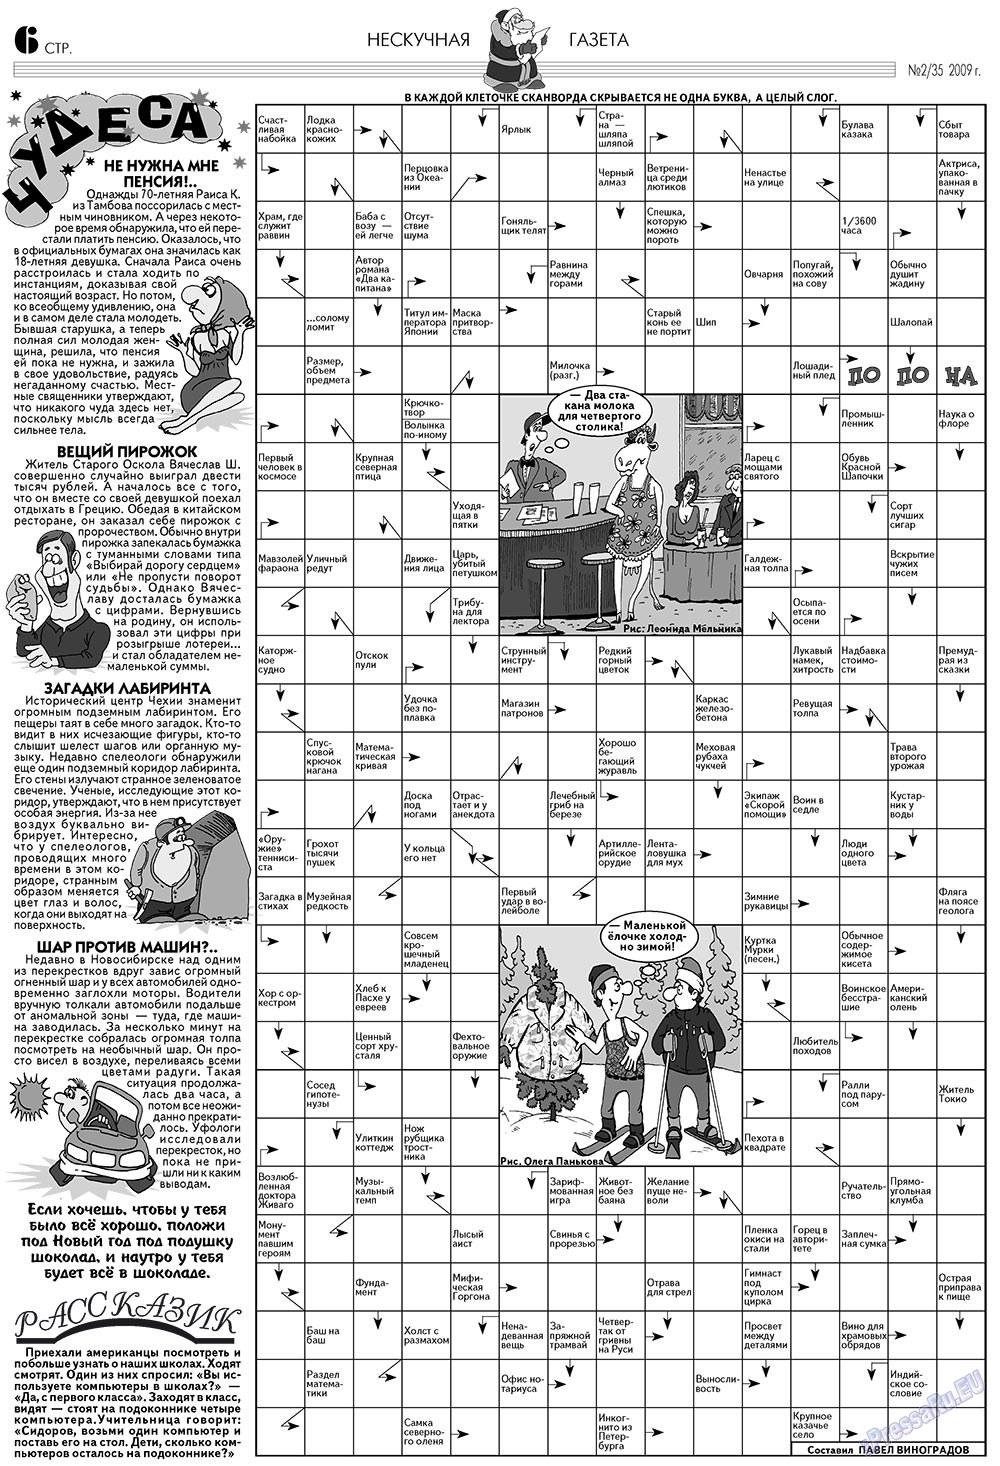 Нескучная газета (газета). 2009 год, номер 2, стр. 6